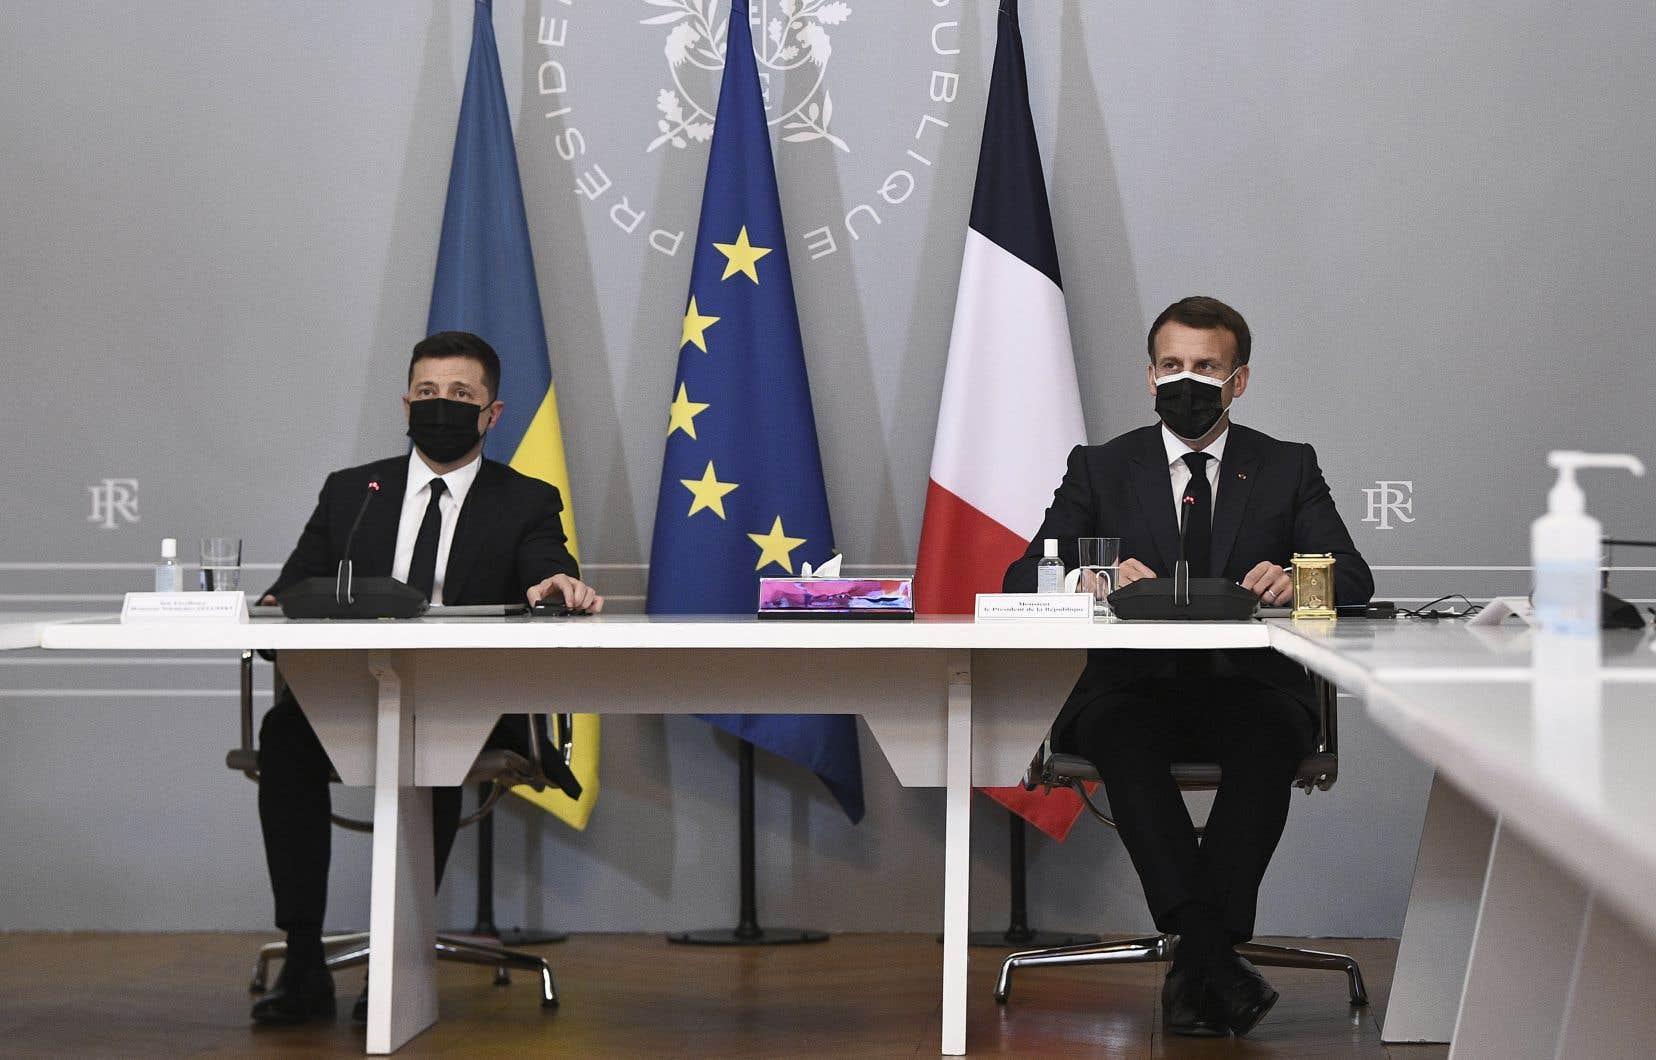 Volodymyr Zelensky et Emmanuel Macron, lors d'une conférence de presse après leur rencontre à l'Élysée, le vendredi 16 avril